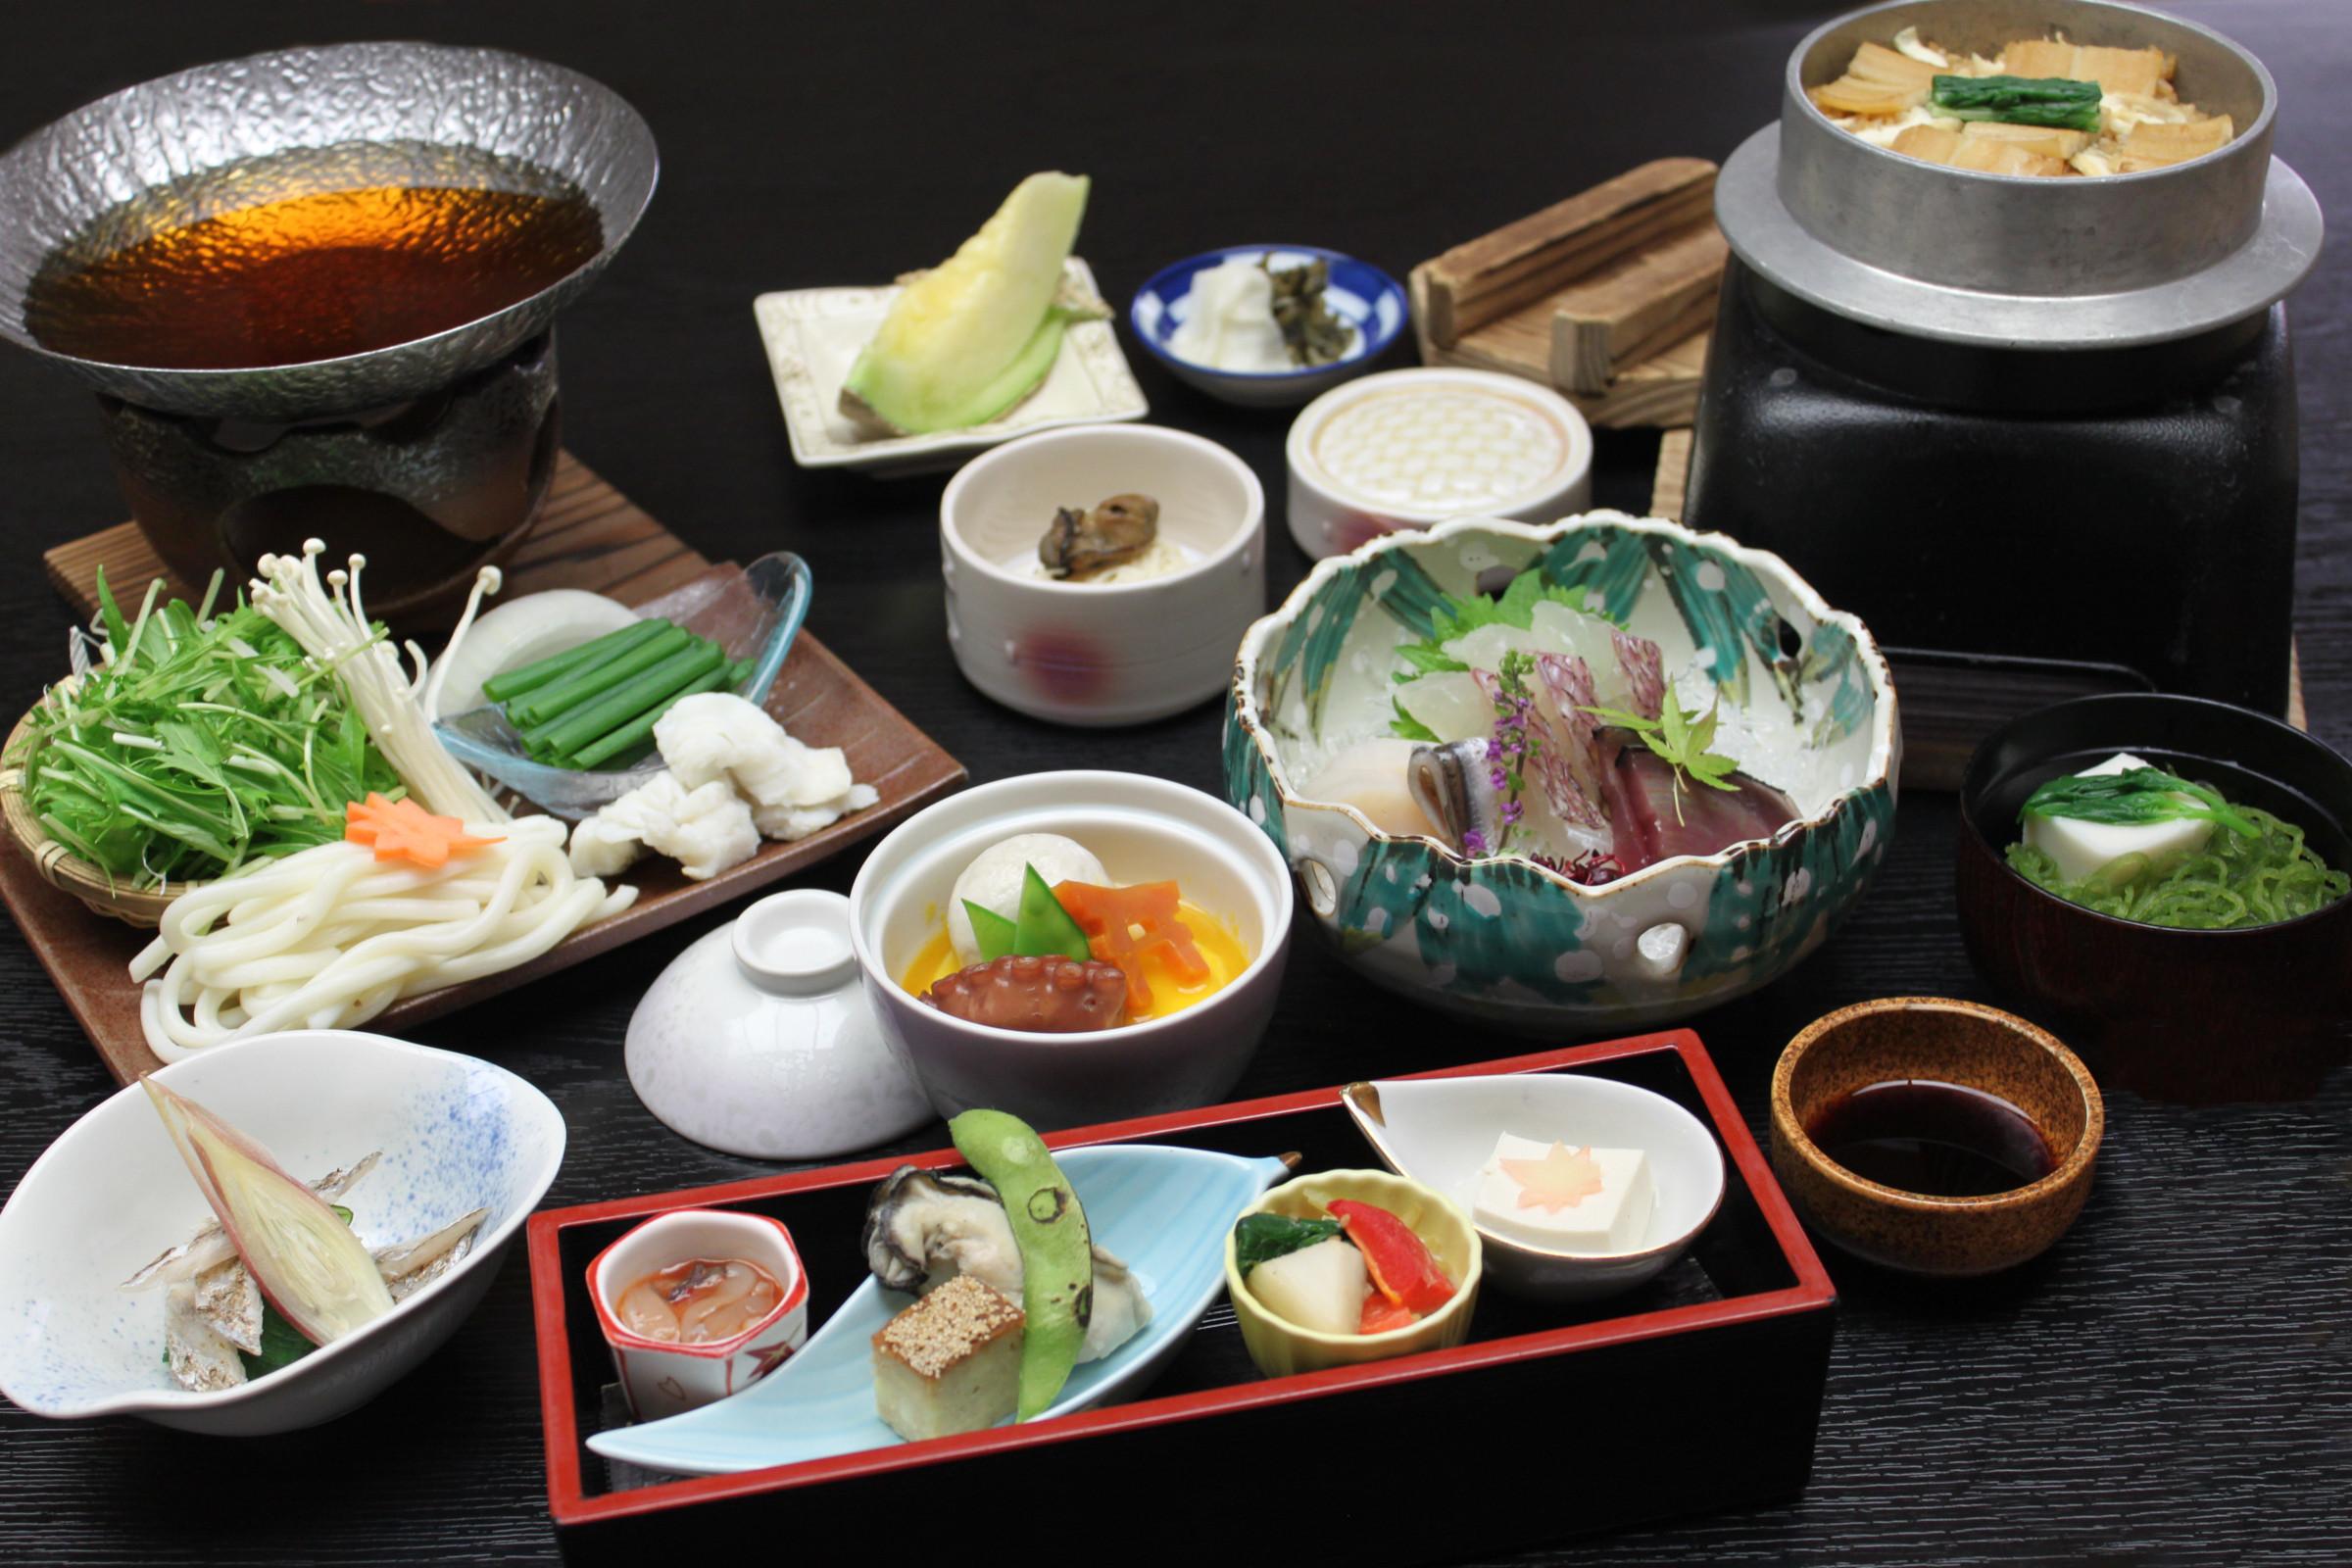 誕生日に最適! コース&会席で味わう広島ディナー